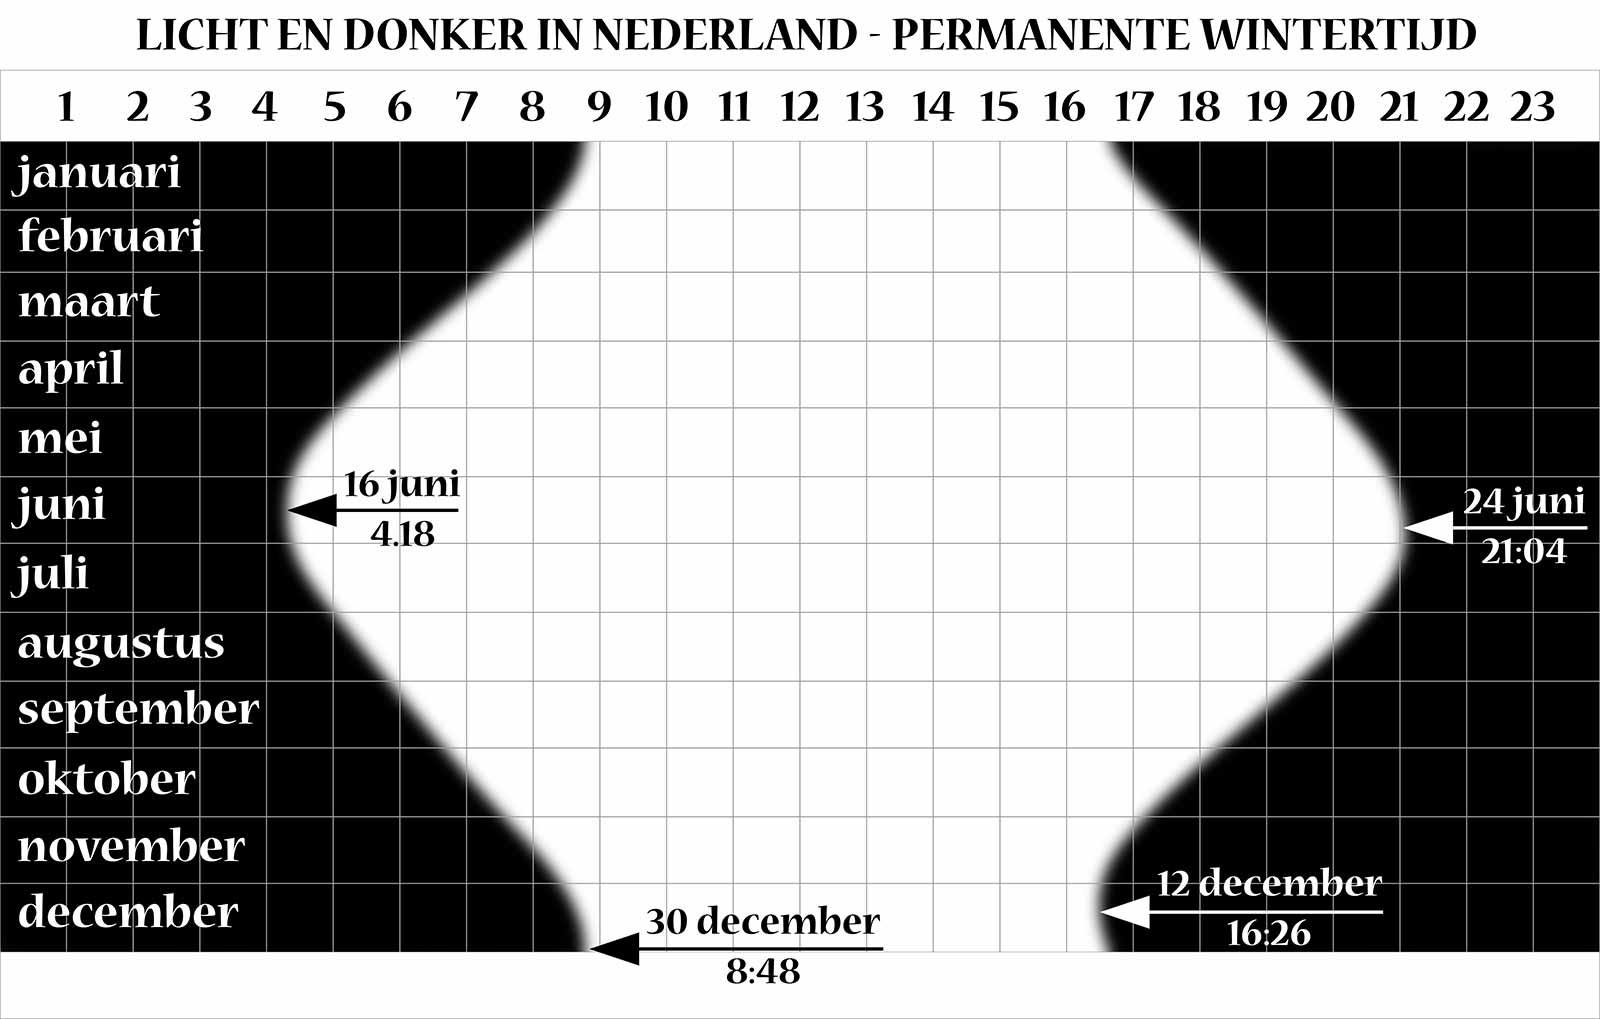 Grafiek met de uren van licht en duisternis en de vroegste/laatste zonsopkomst/zonsondergang, als het hele jaar door de wintertijd geldt